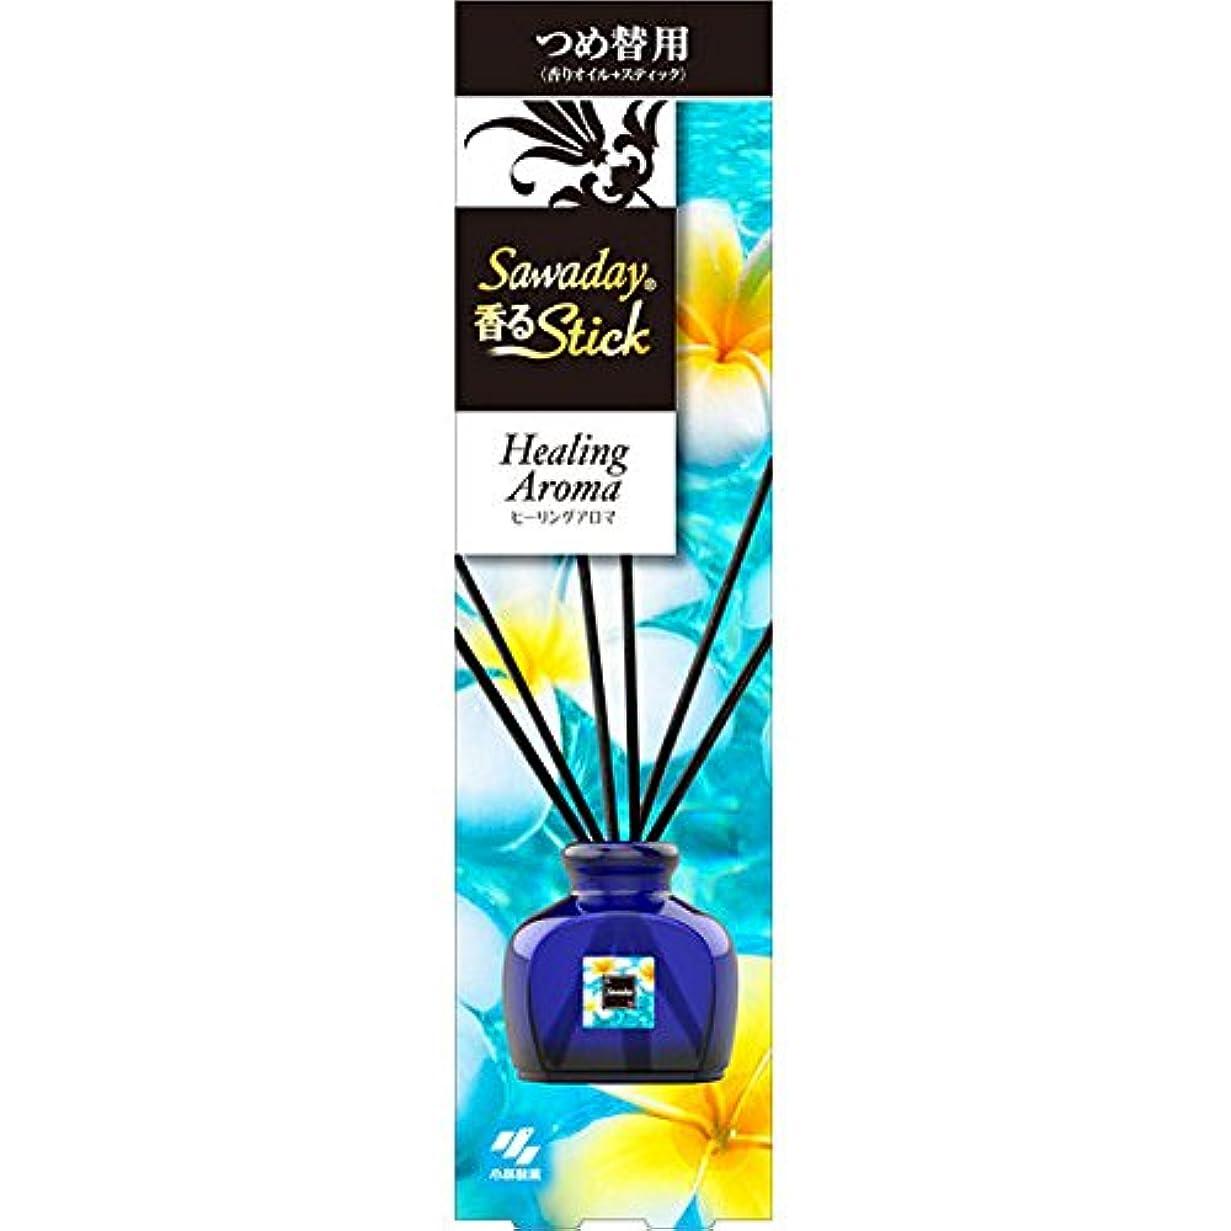 アシスト義務づけるお祝い小林製薬 サワデー 香るStick ヒーリングアロマ つめ替用 50ml